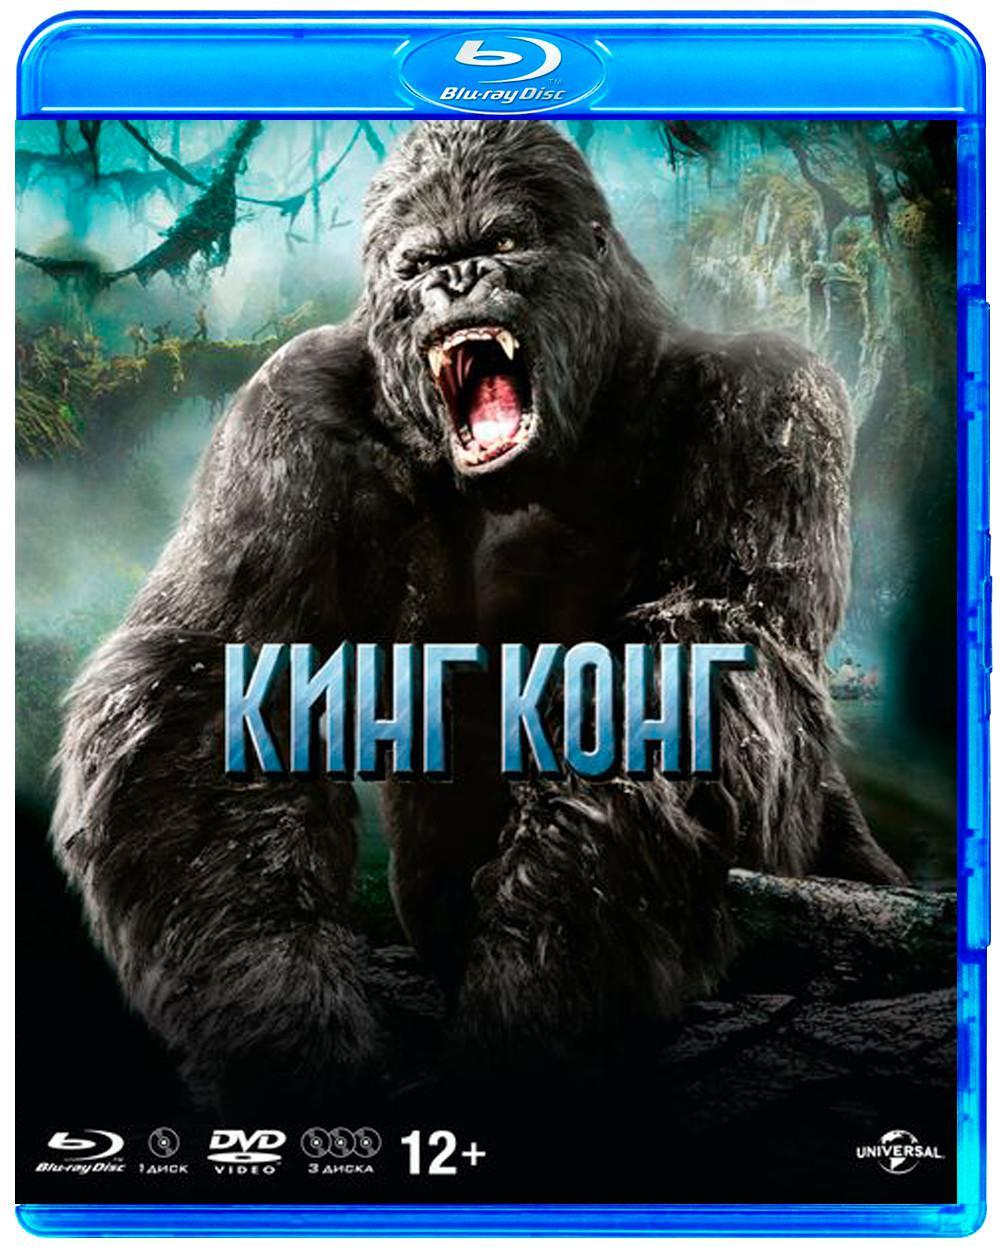 Blu-ray. Кинг Конг. Специальное издание (Blu-Ray + 3 DVD + 5 карточек, плакат)